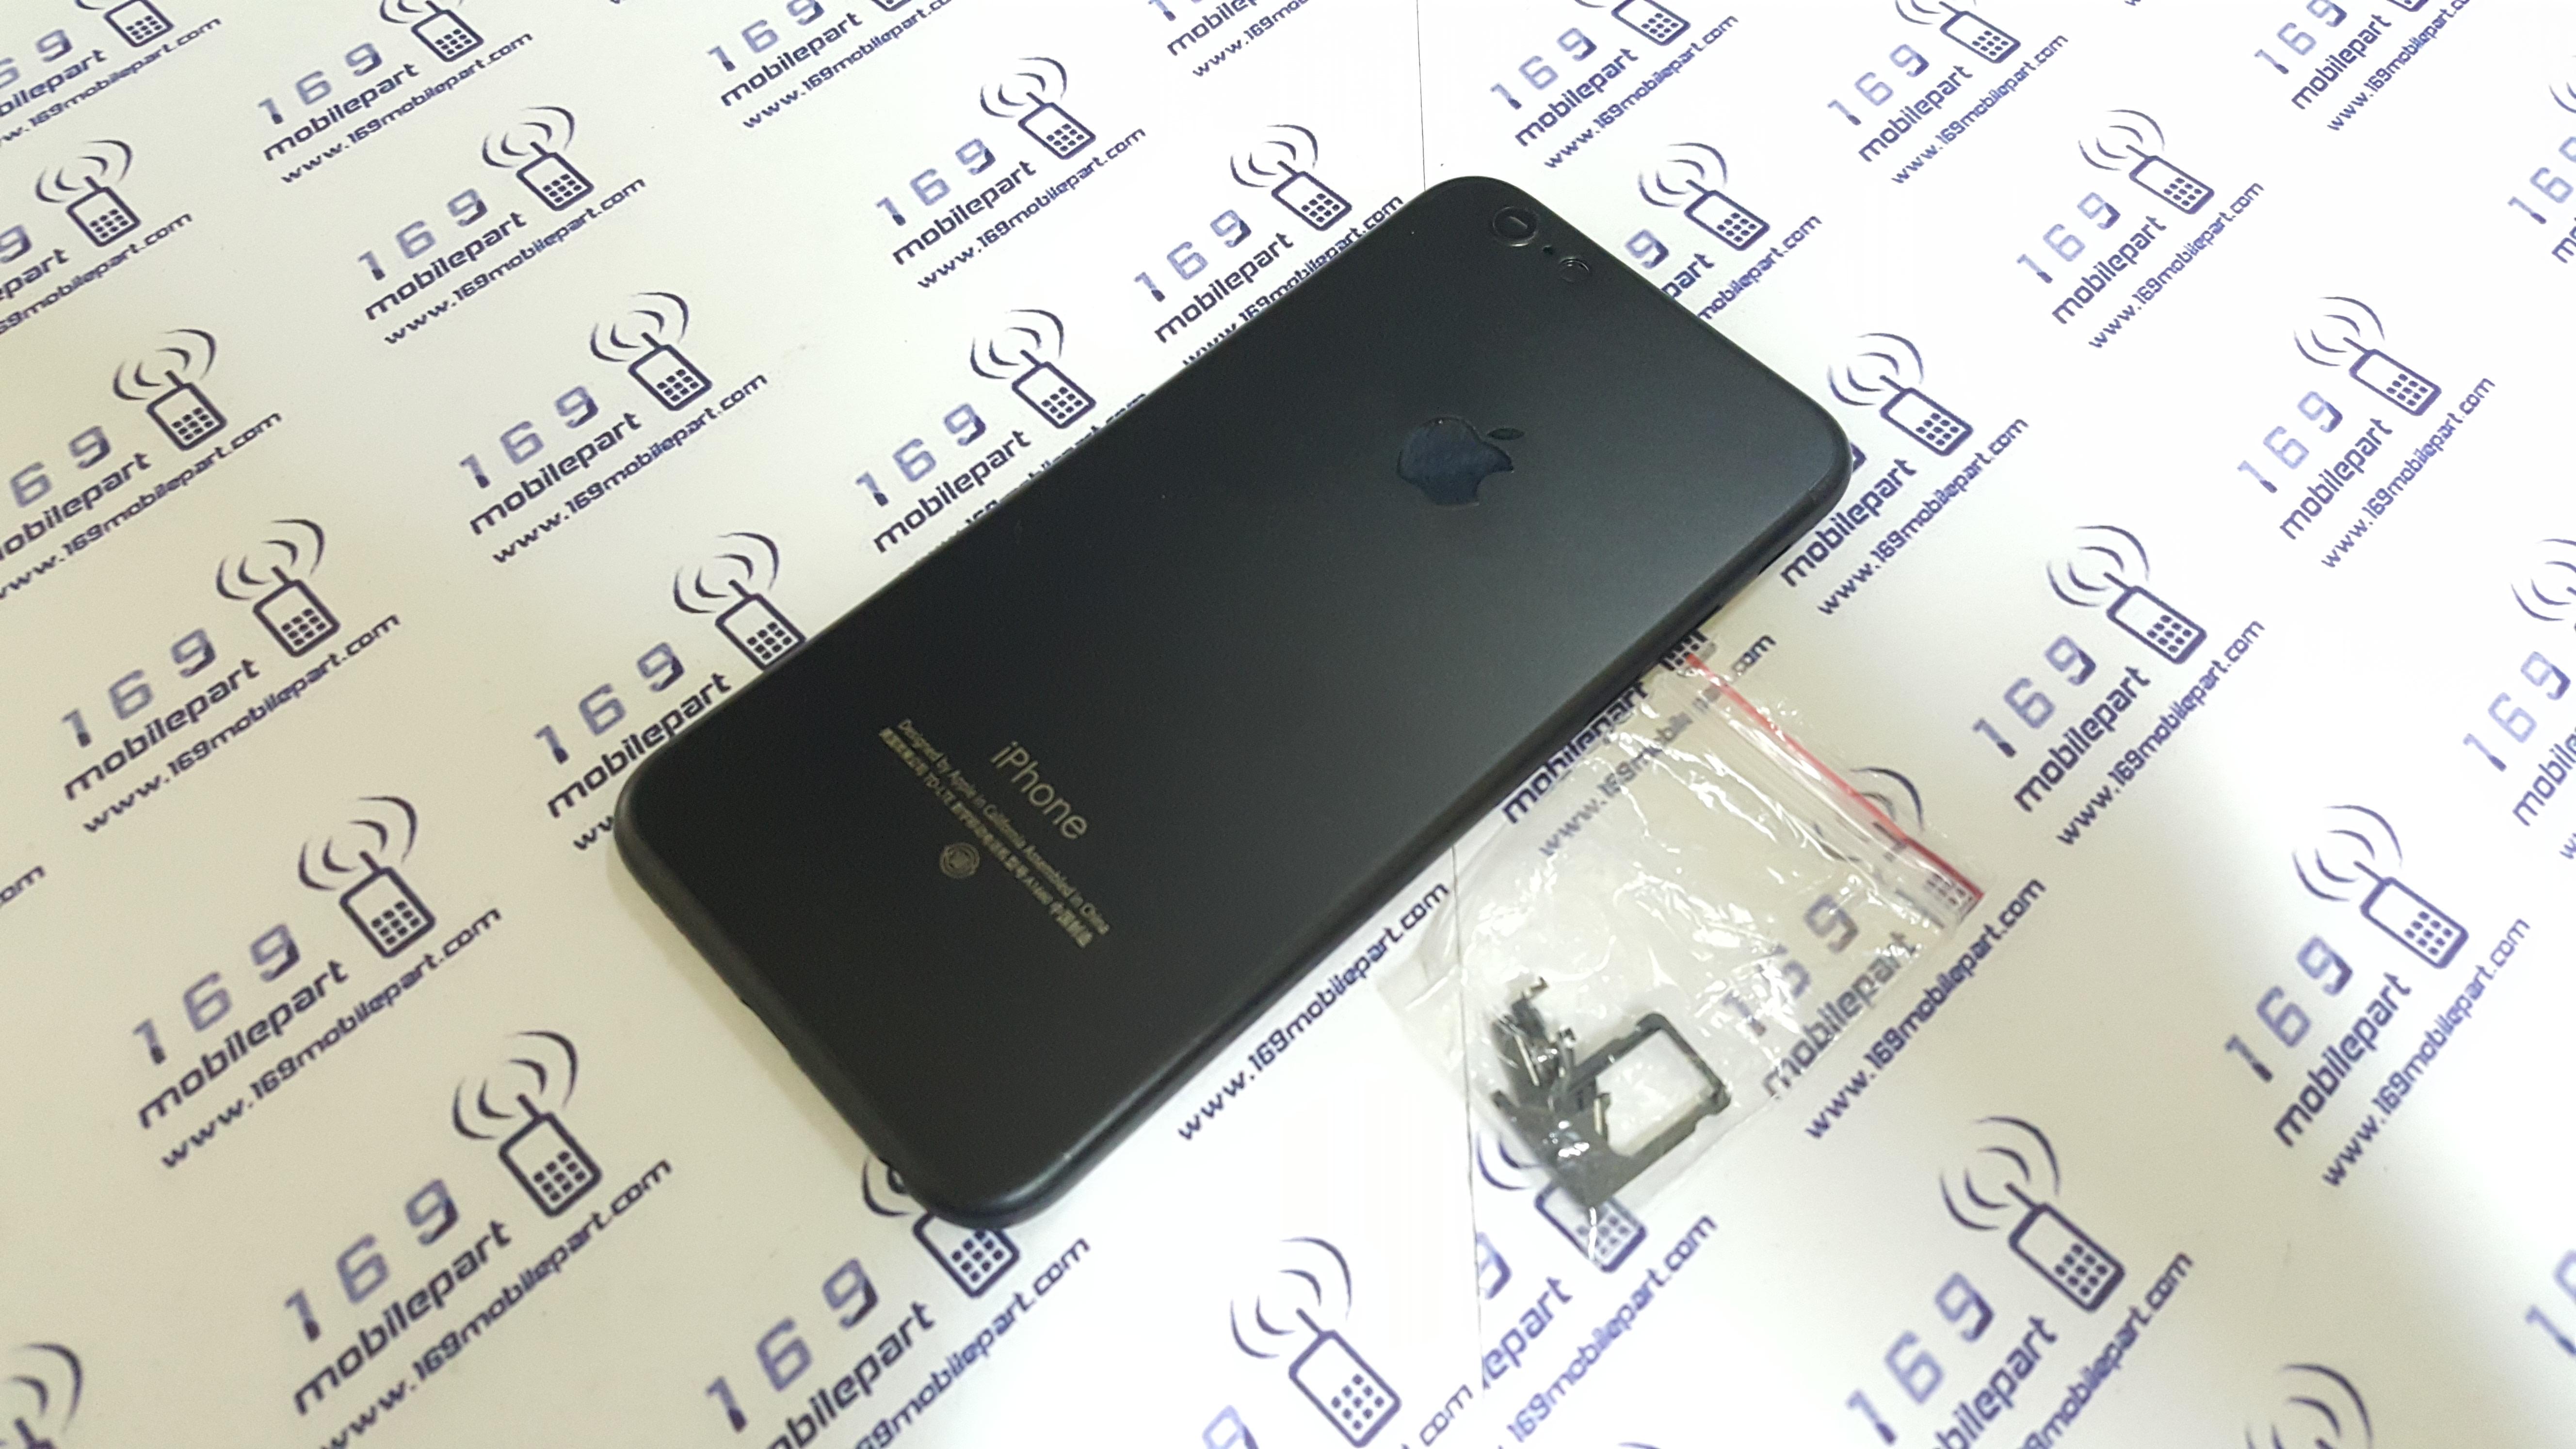 บอดี้ iPhone 6 แปลง i7 สี Jet-Black